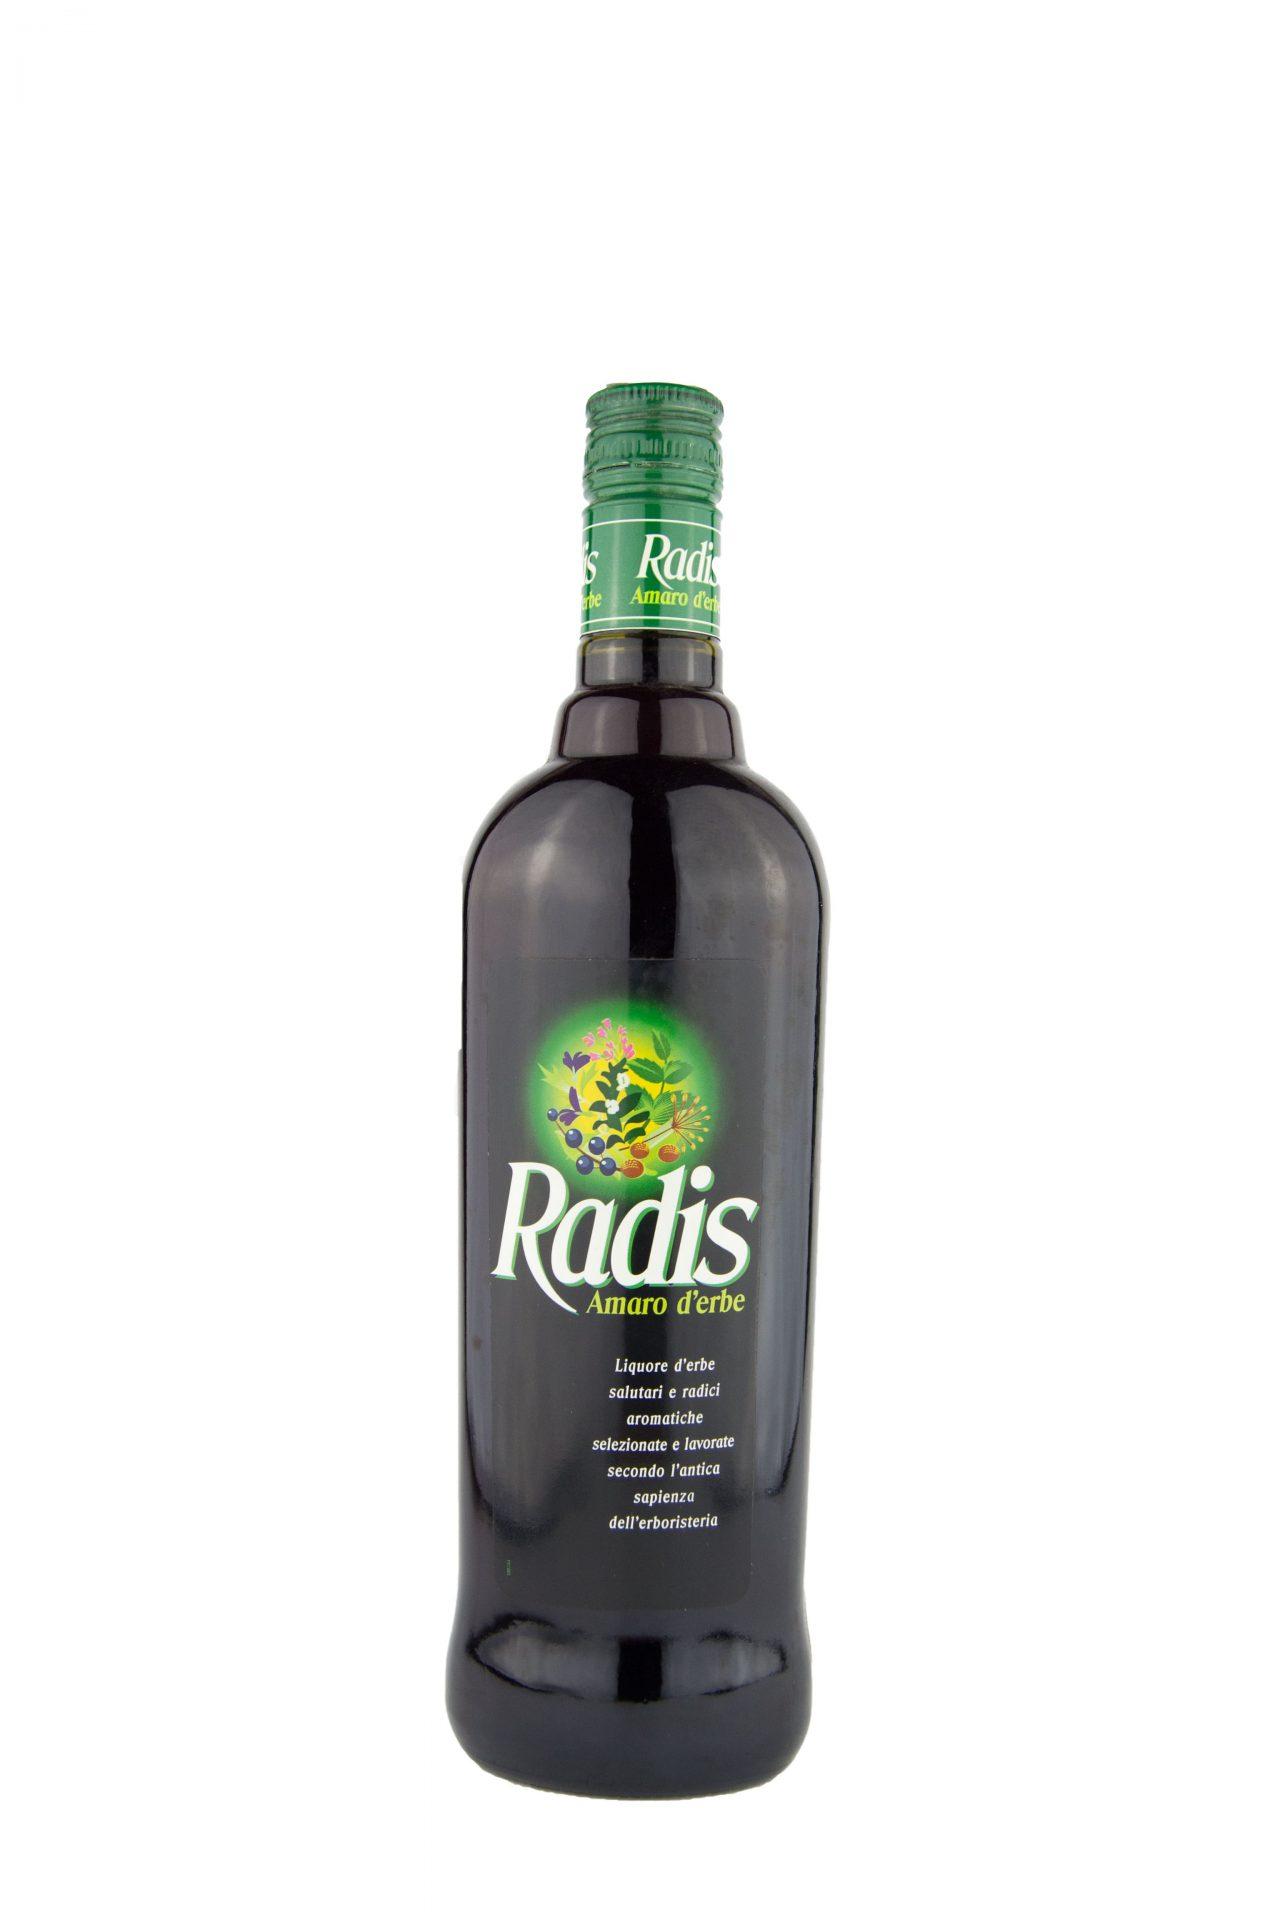 Radis – Amaro d'erbe